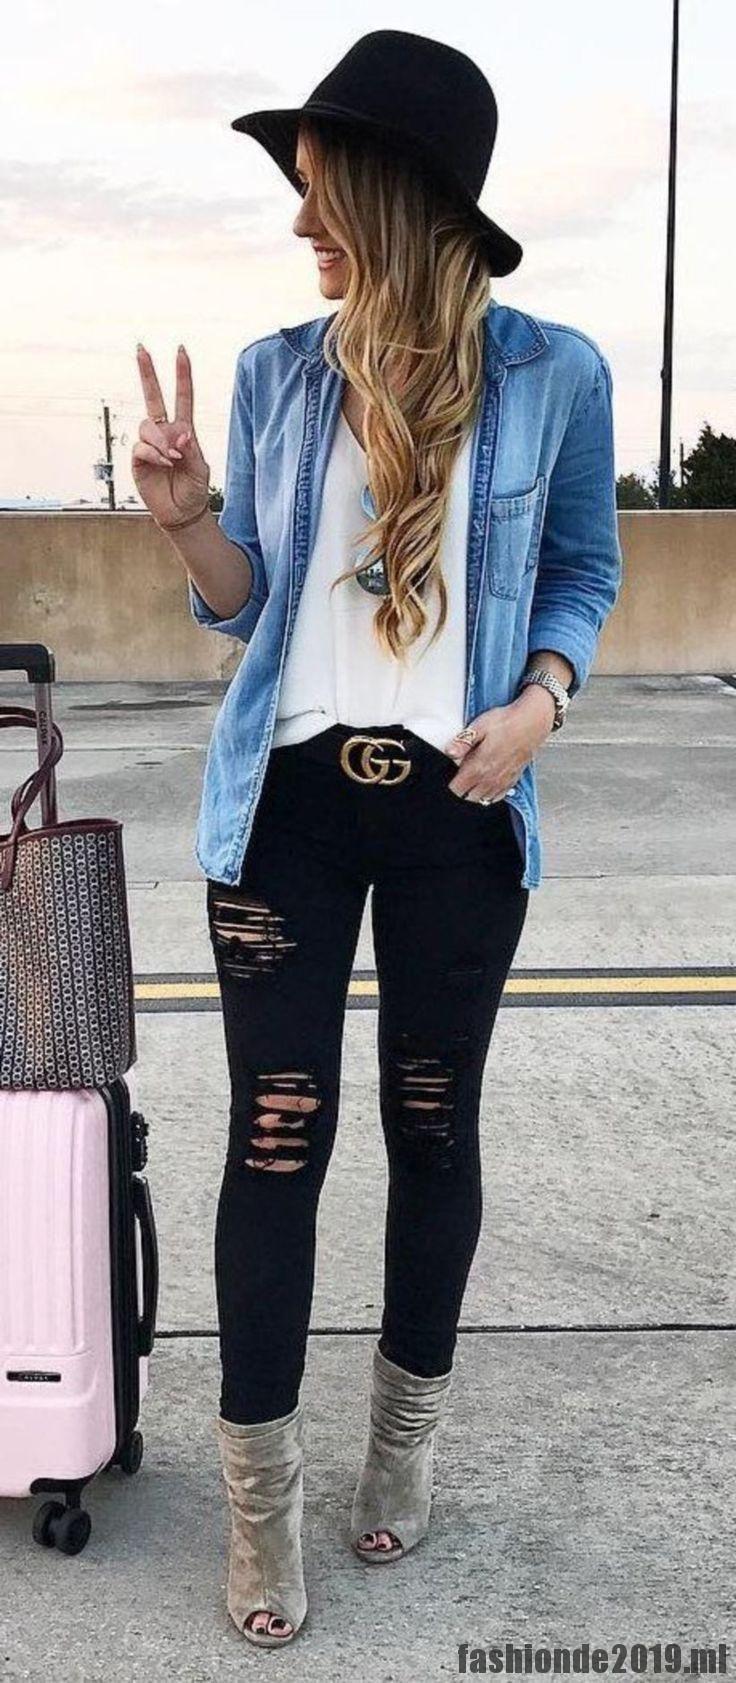 Erstaunlich 39 Trend-Teenager-Mode ausgehen sieht Erstaunlich 101outfit.com